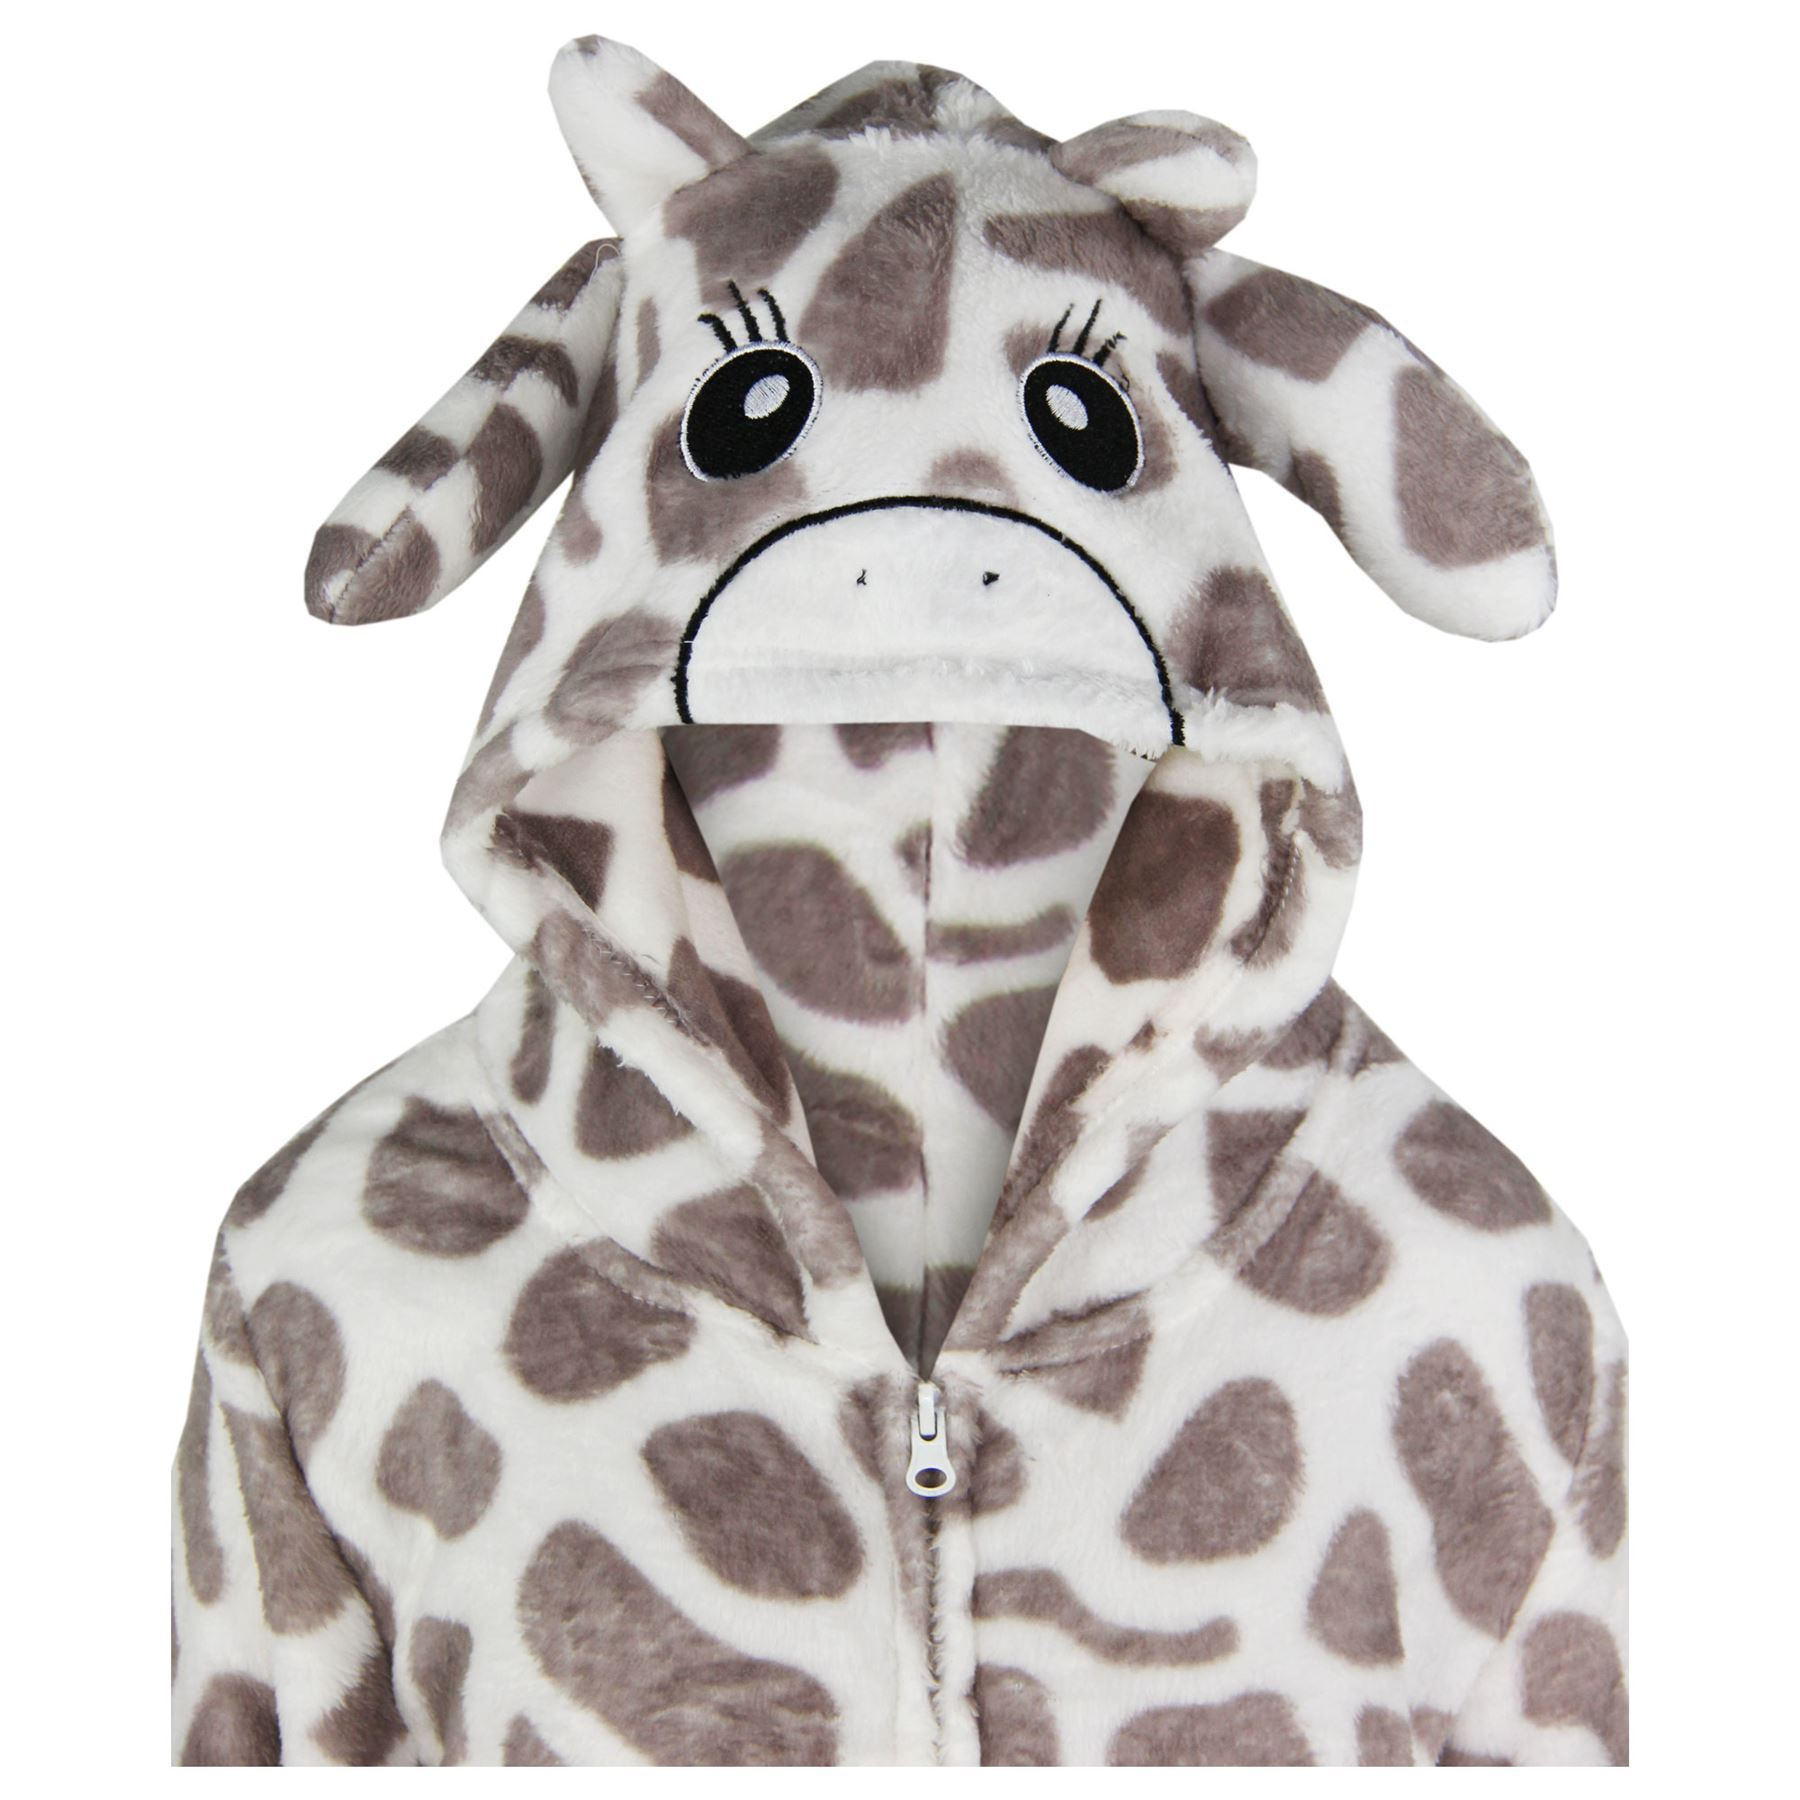 Kids-Girls-Boys-Soft-Fluffy-Animal-Monkey-A2Z-Onesie-One-Piece-Halloween-Costume miniatuur 19